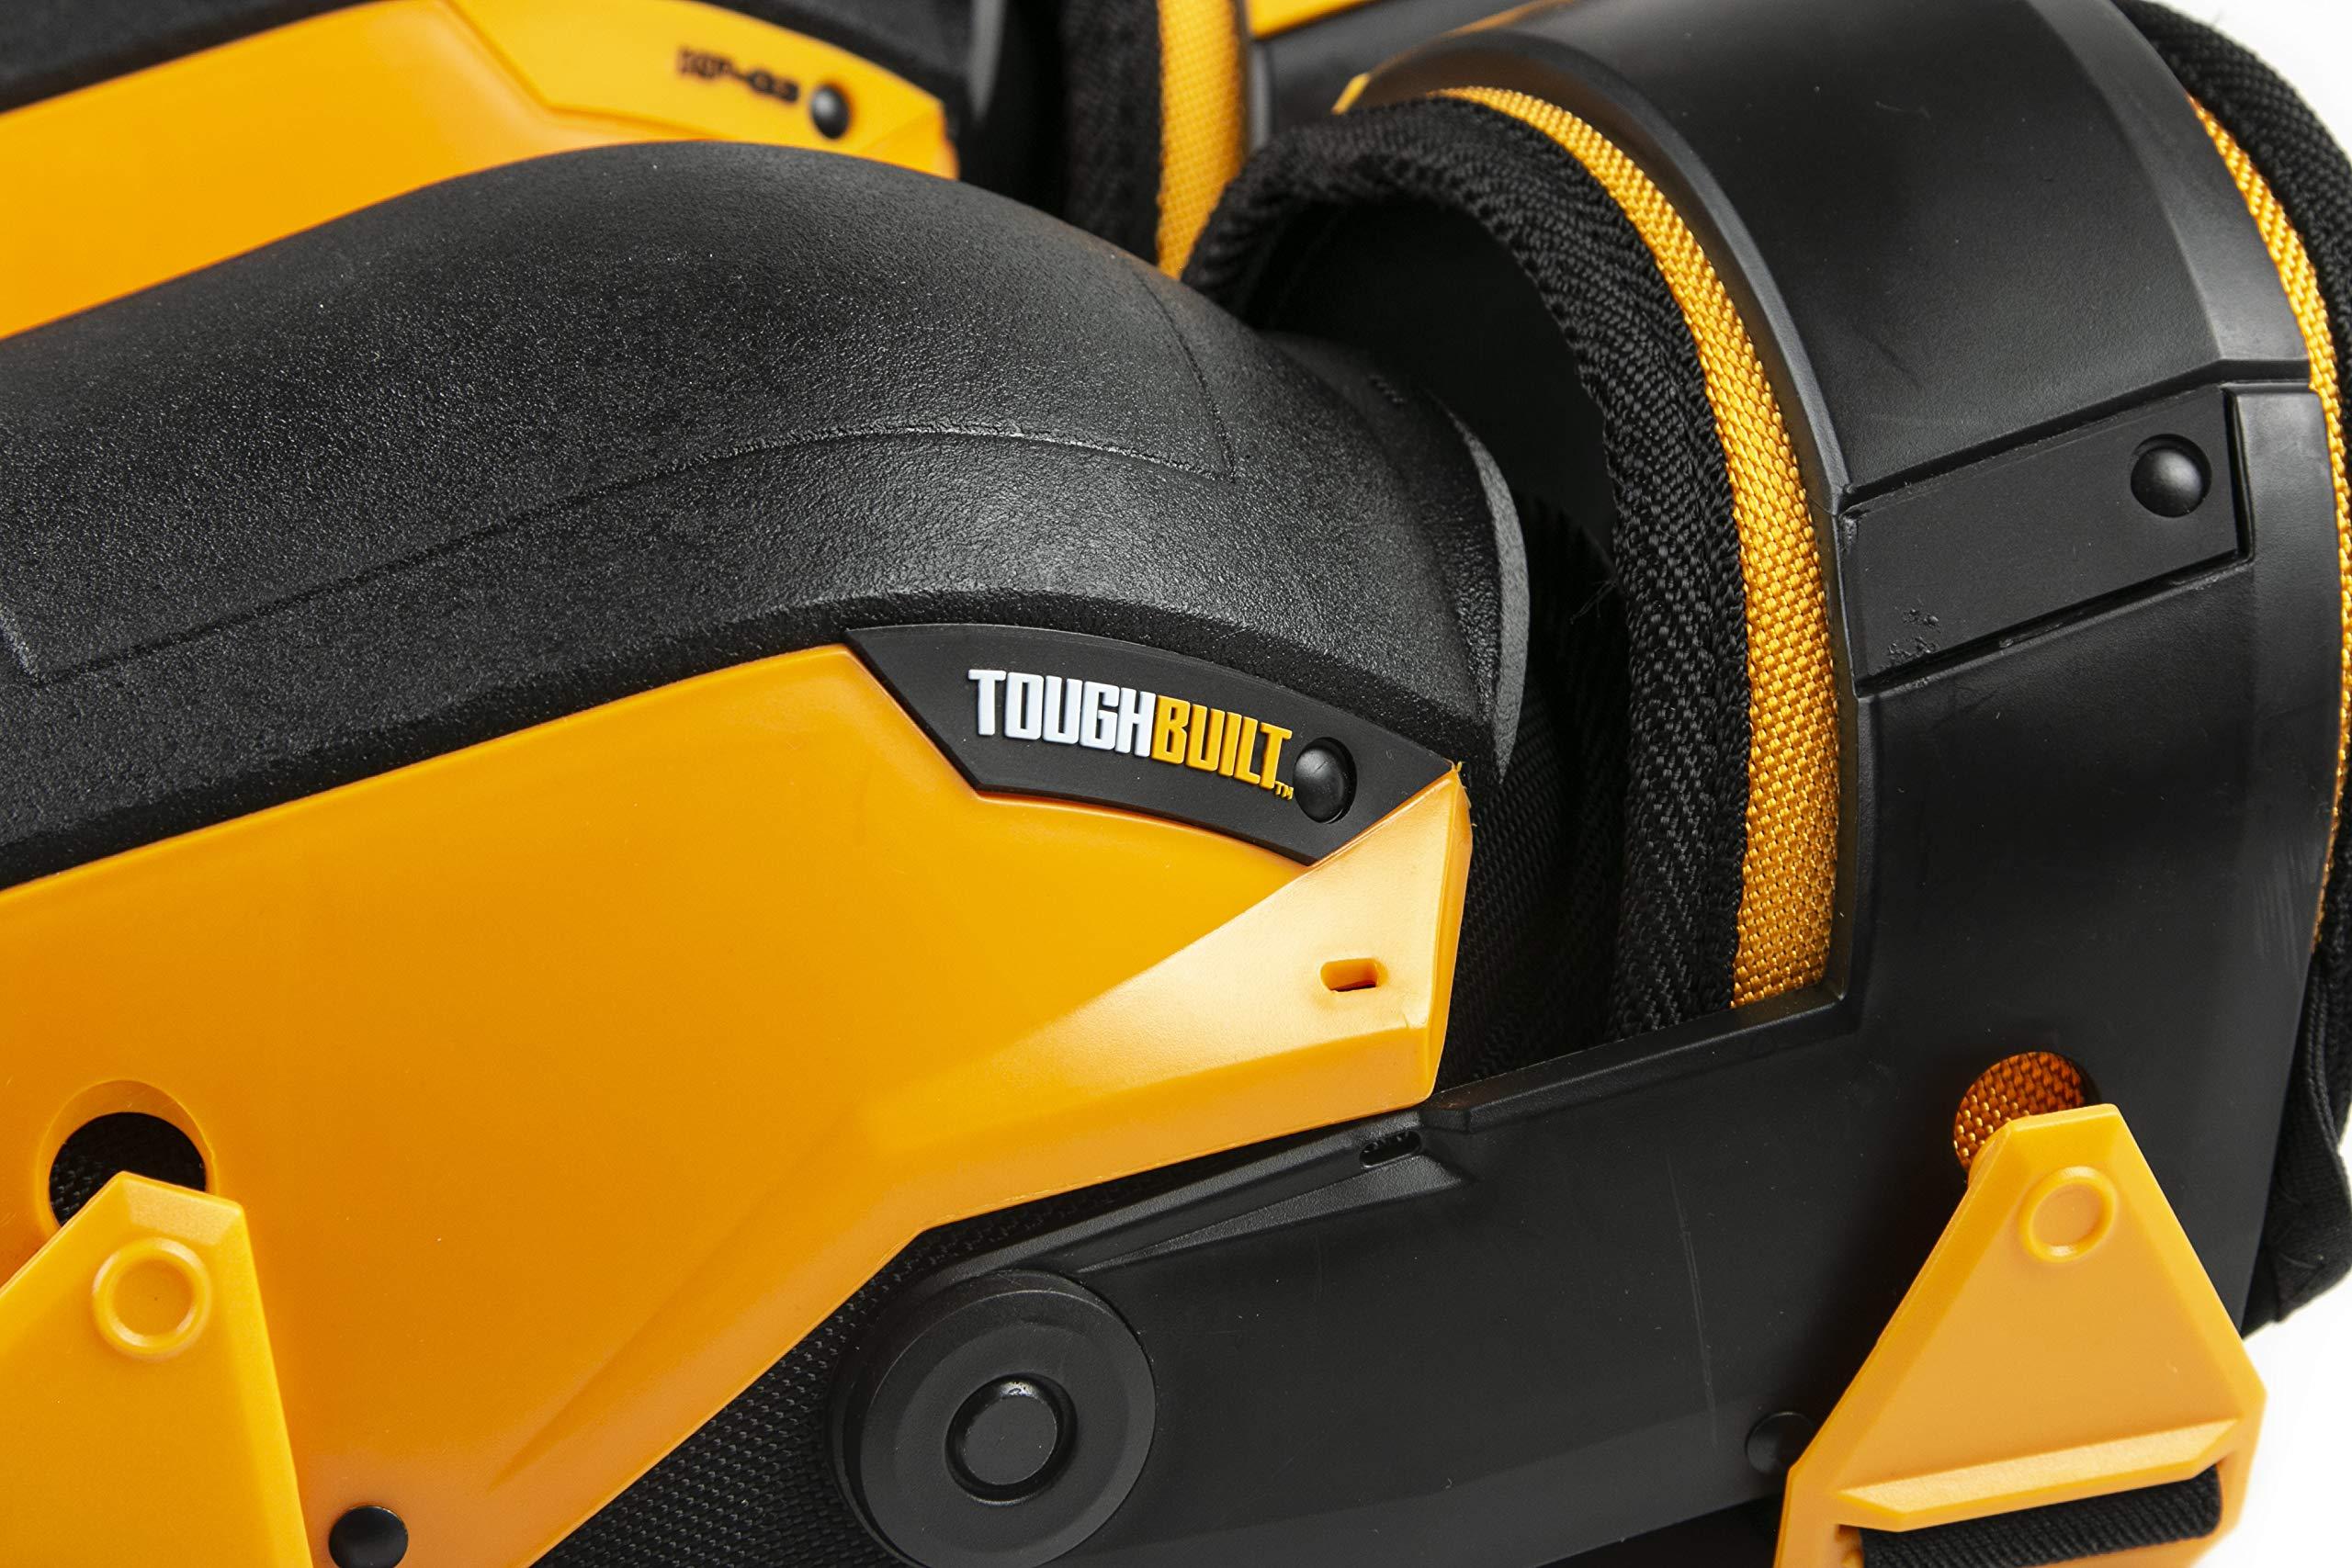 c48b3b6623 Toughbuilt KP-G3 Gelfit Thigh Support Stabilization Knee Pads - Ergonomic  Fit - TOU-KP-G3 < Kneepads < Tools & Home Improvement - tibs